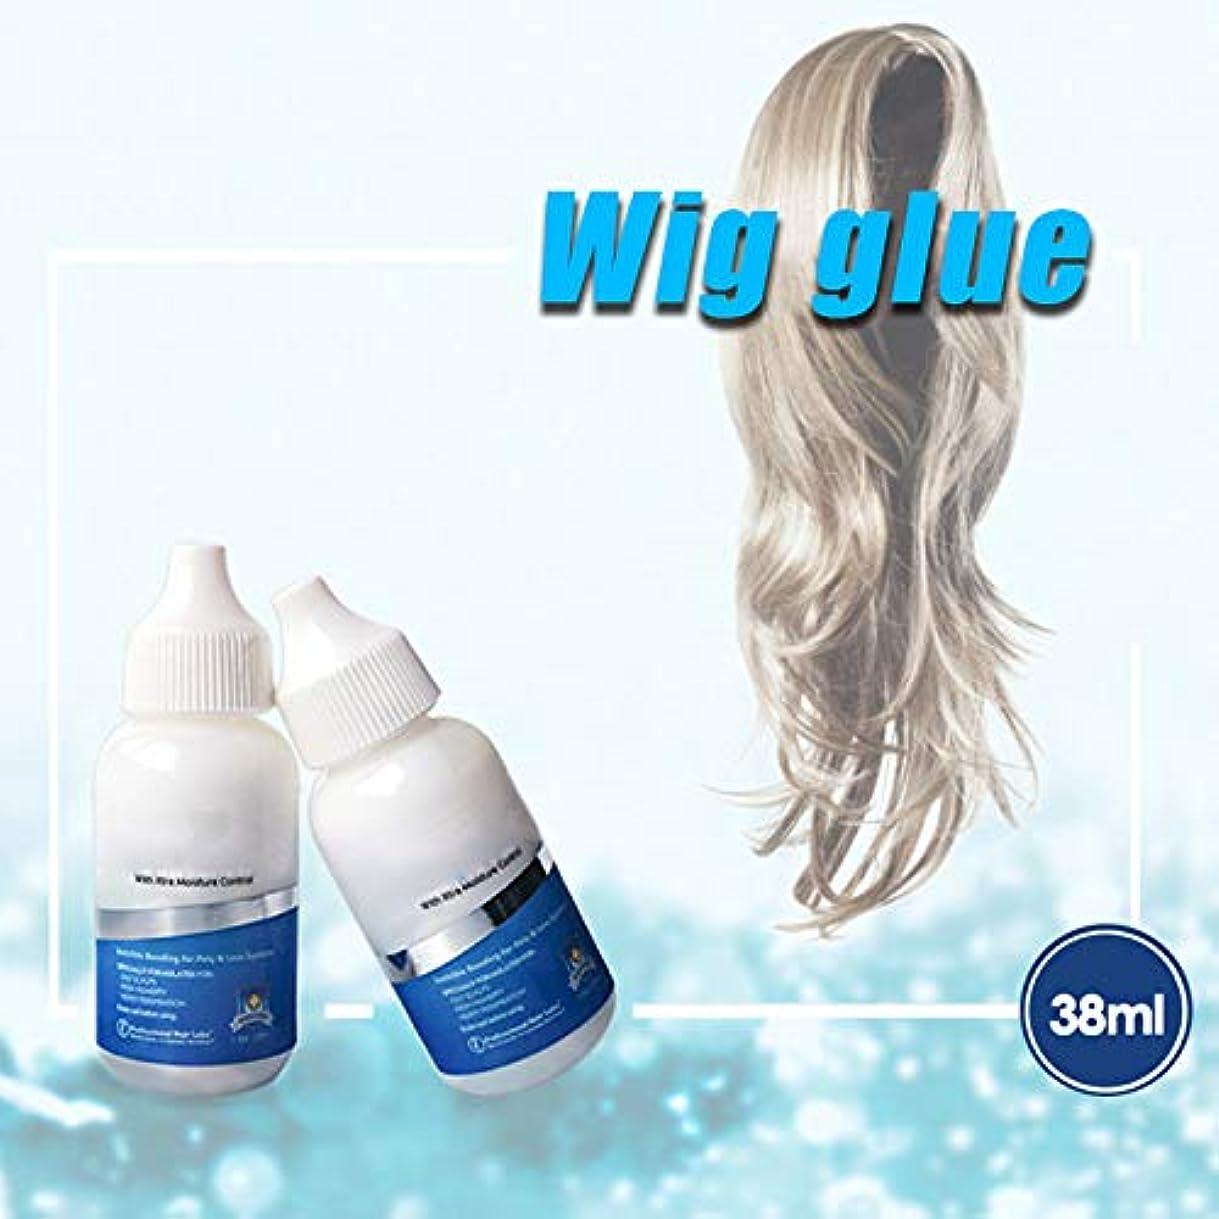 批評ホテル風変わりなBeaurtty ポリレースヘアピースウィッグのため 髪の交換用接着剤目に見えない 接着剤接着剤余分な水分の制御